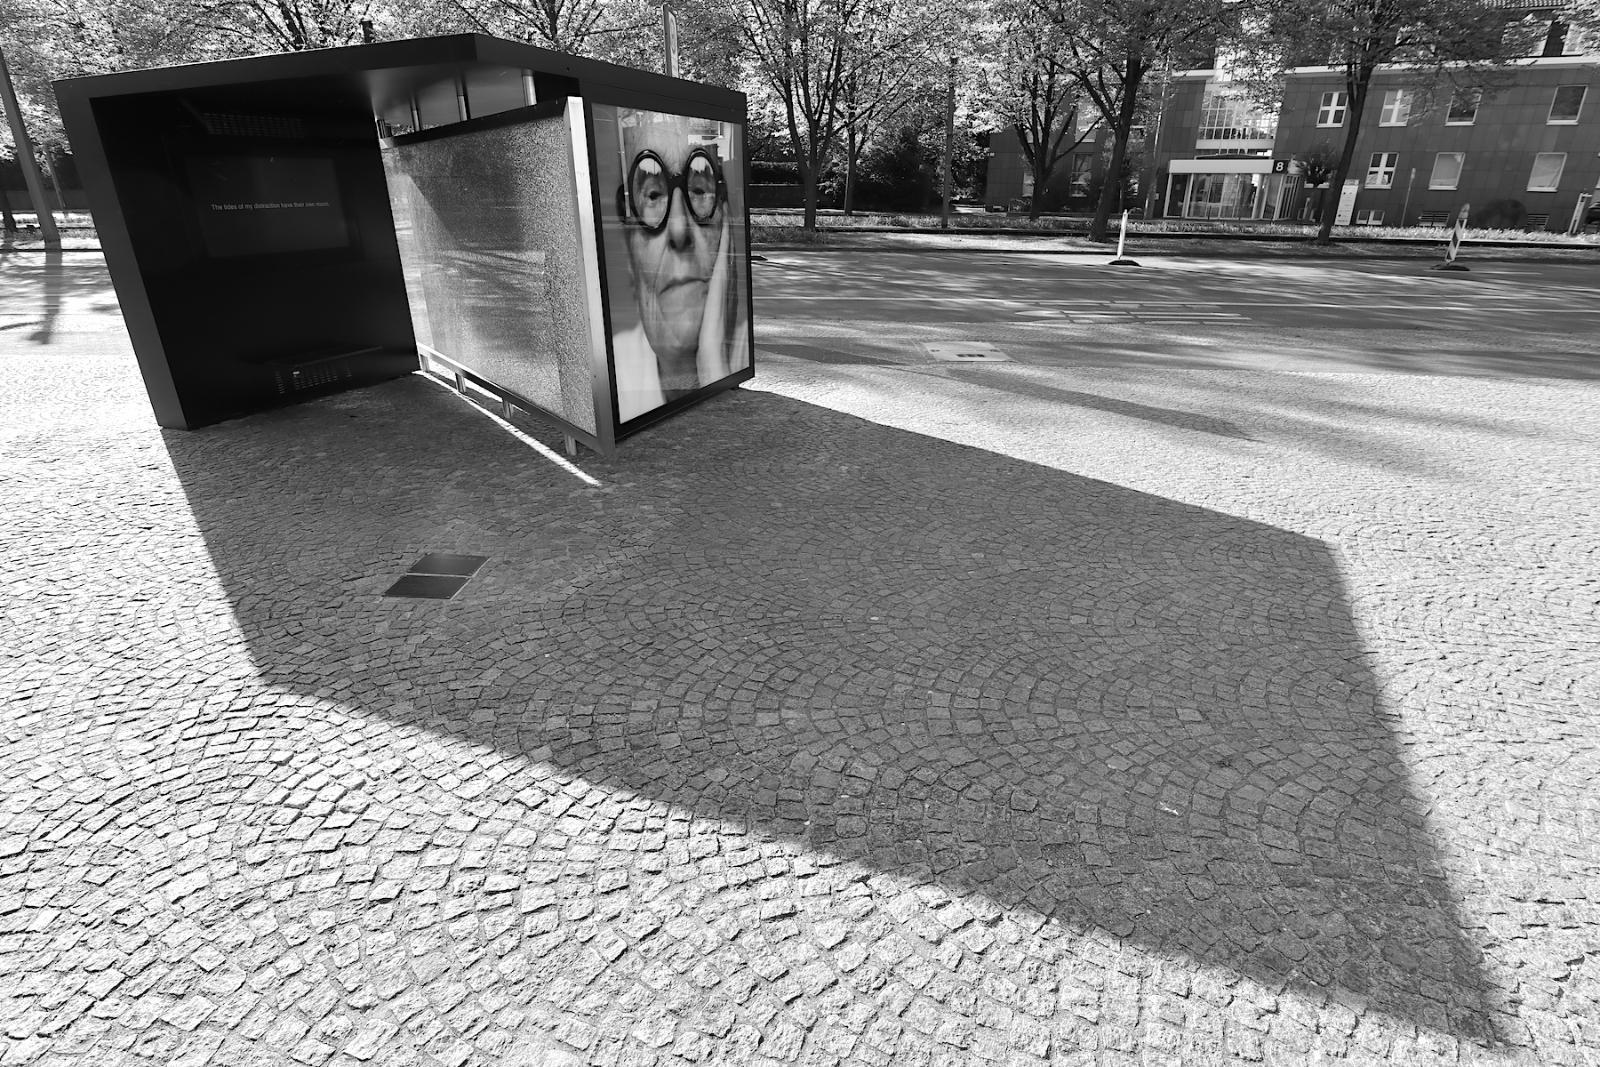 Bus Shelter XII Shattered Glass / The Confessions of Philip Johnson. Wie geht die Stadt mit ihrer Kultur um? Auch das eine Interpretation der Installation vor der Kunsthalle Bielefeld. Das von Pritzker-Preisträger Philip Johnson entworfene Gebäude wurde 2018 50 Jahre alt.